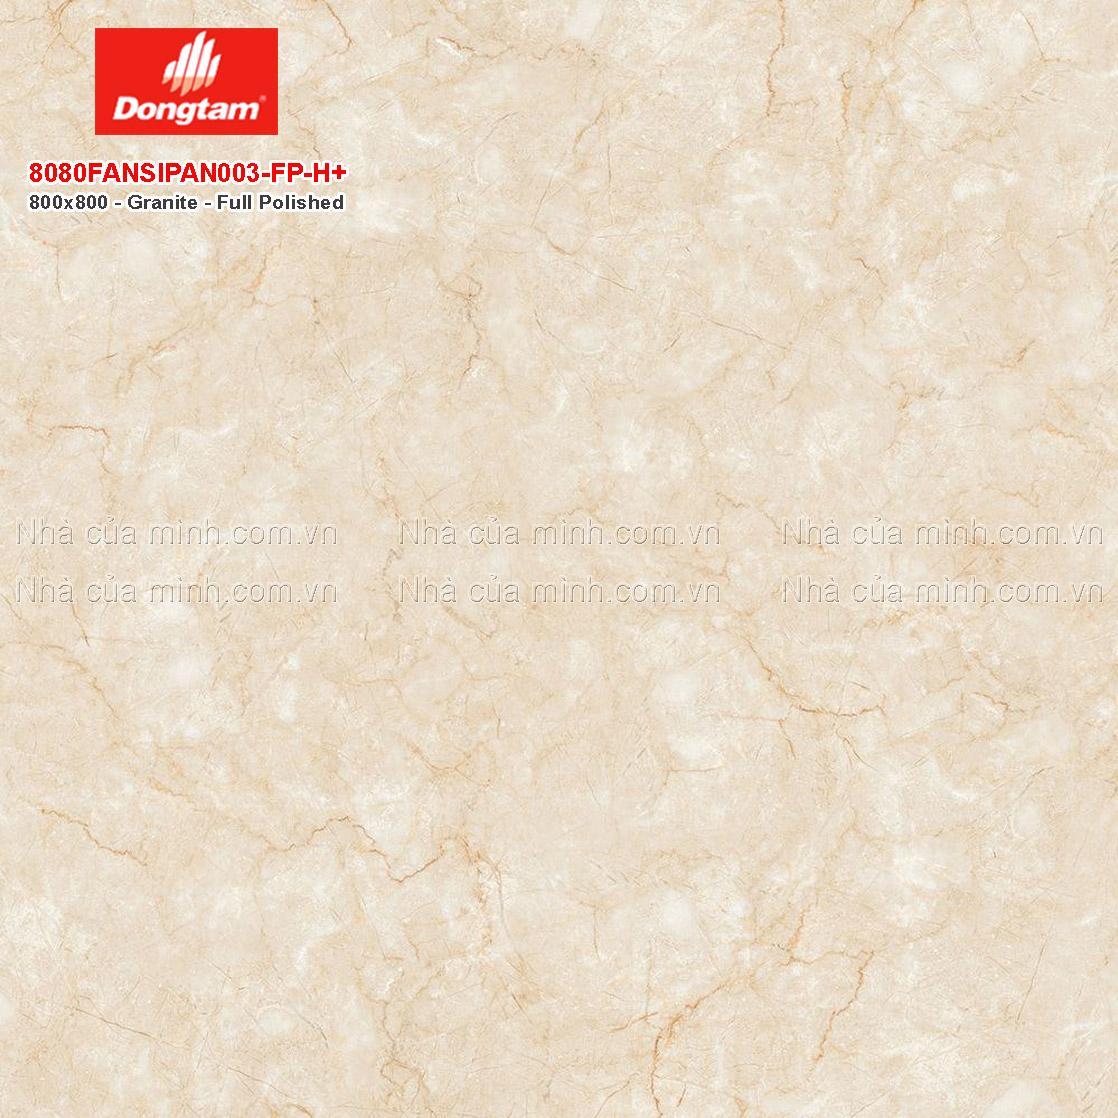 Gạch lát nền granite Đồng Tâm 8080FANSIPAN003-FP-H+ giá rẻ